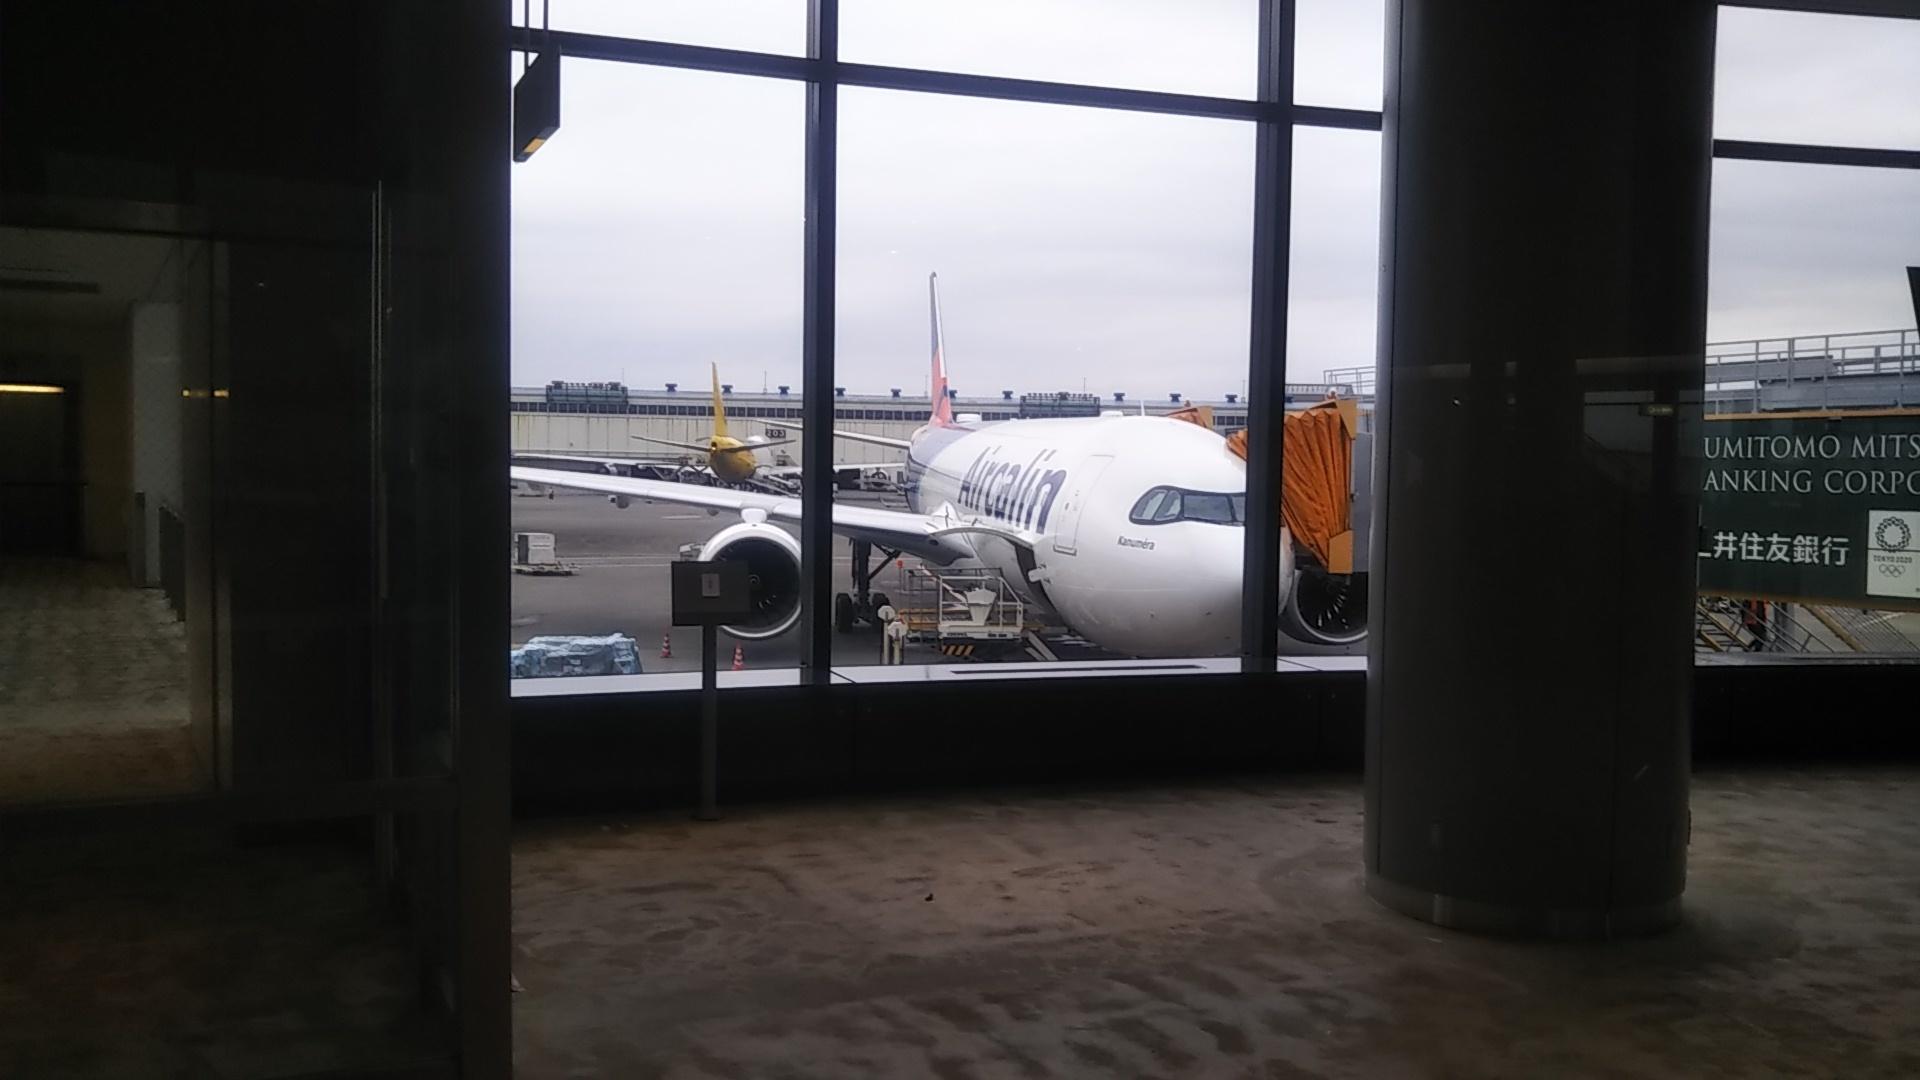 Departure_f0032130_11560404.jpg